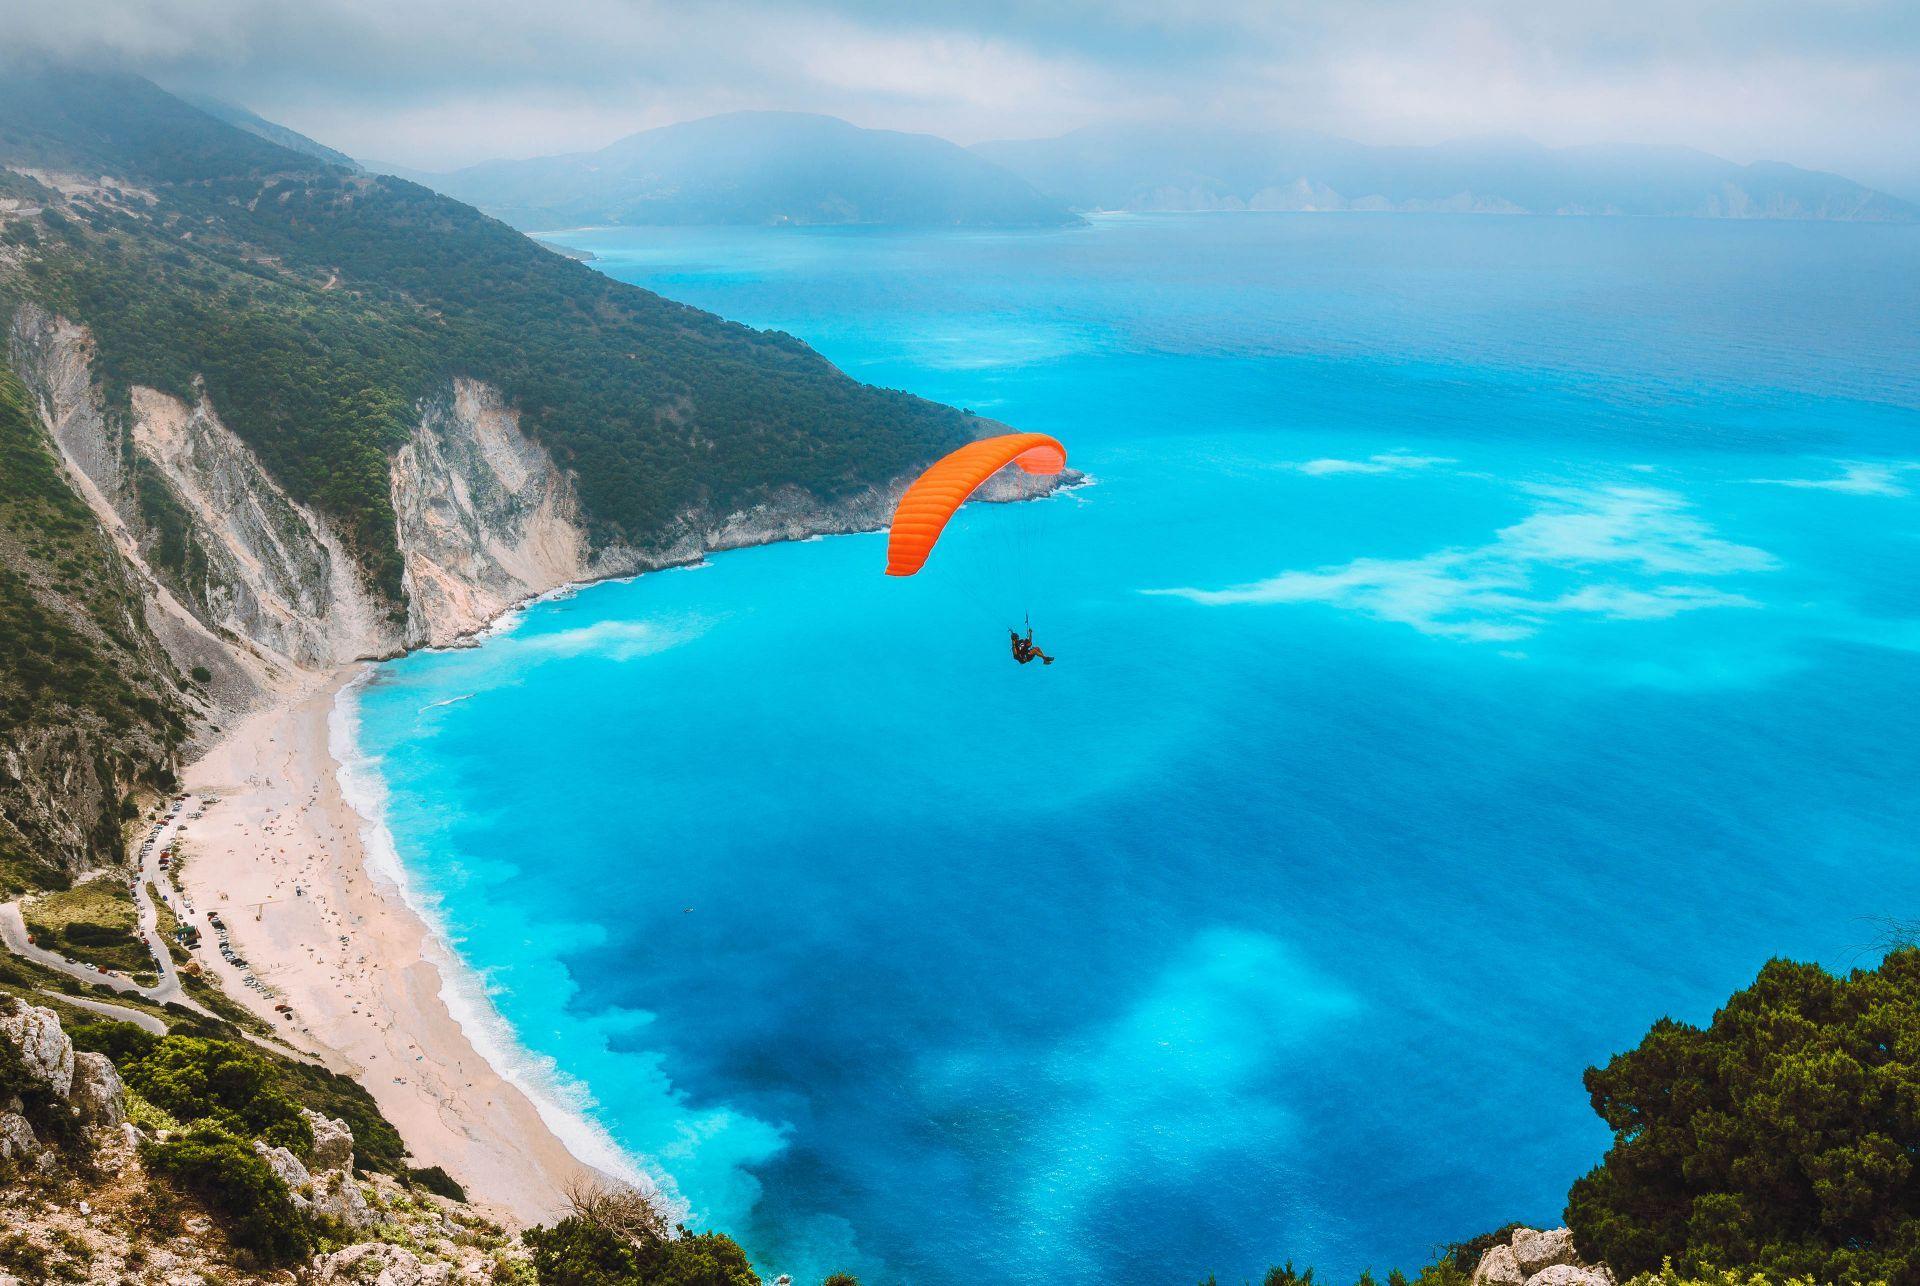 Τουρισμός περιπέτειας: Extreme sports στην Ελλάδα